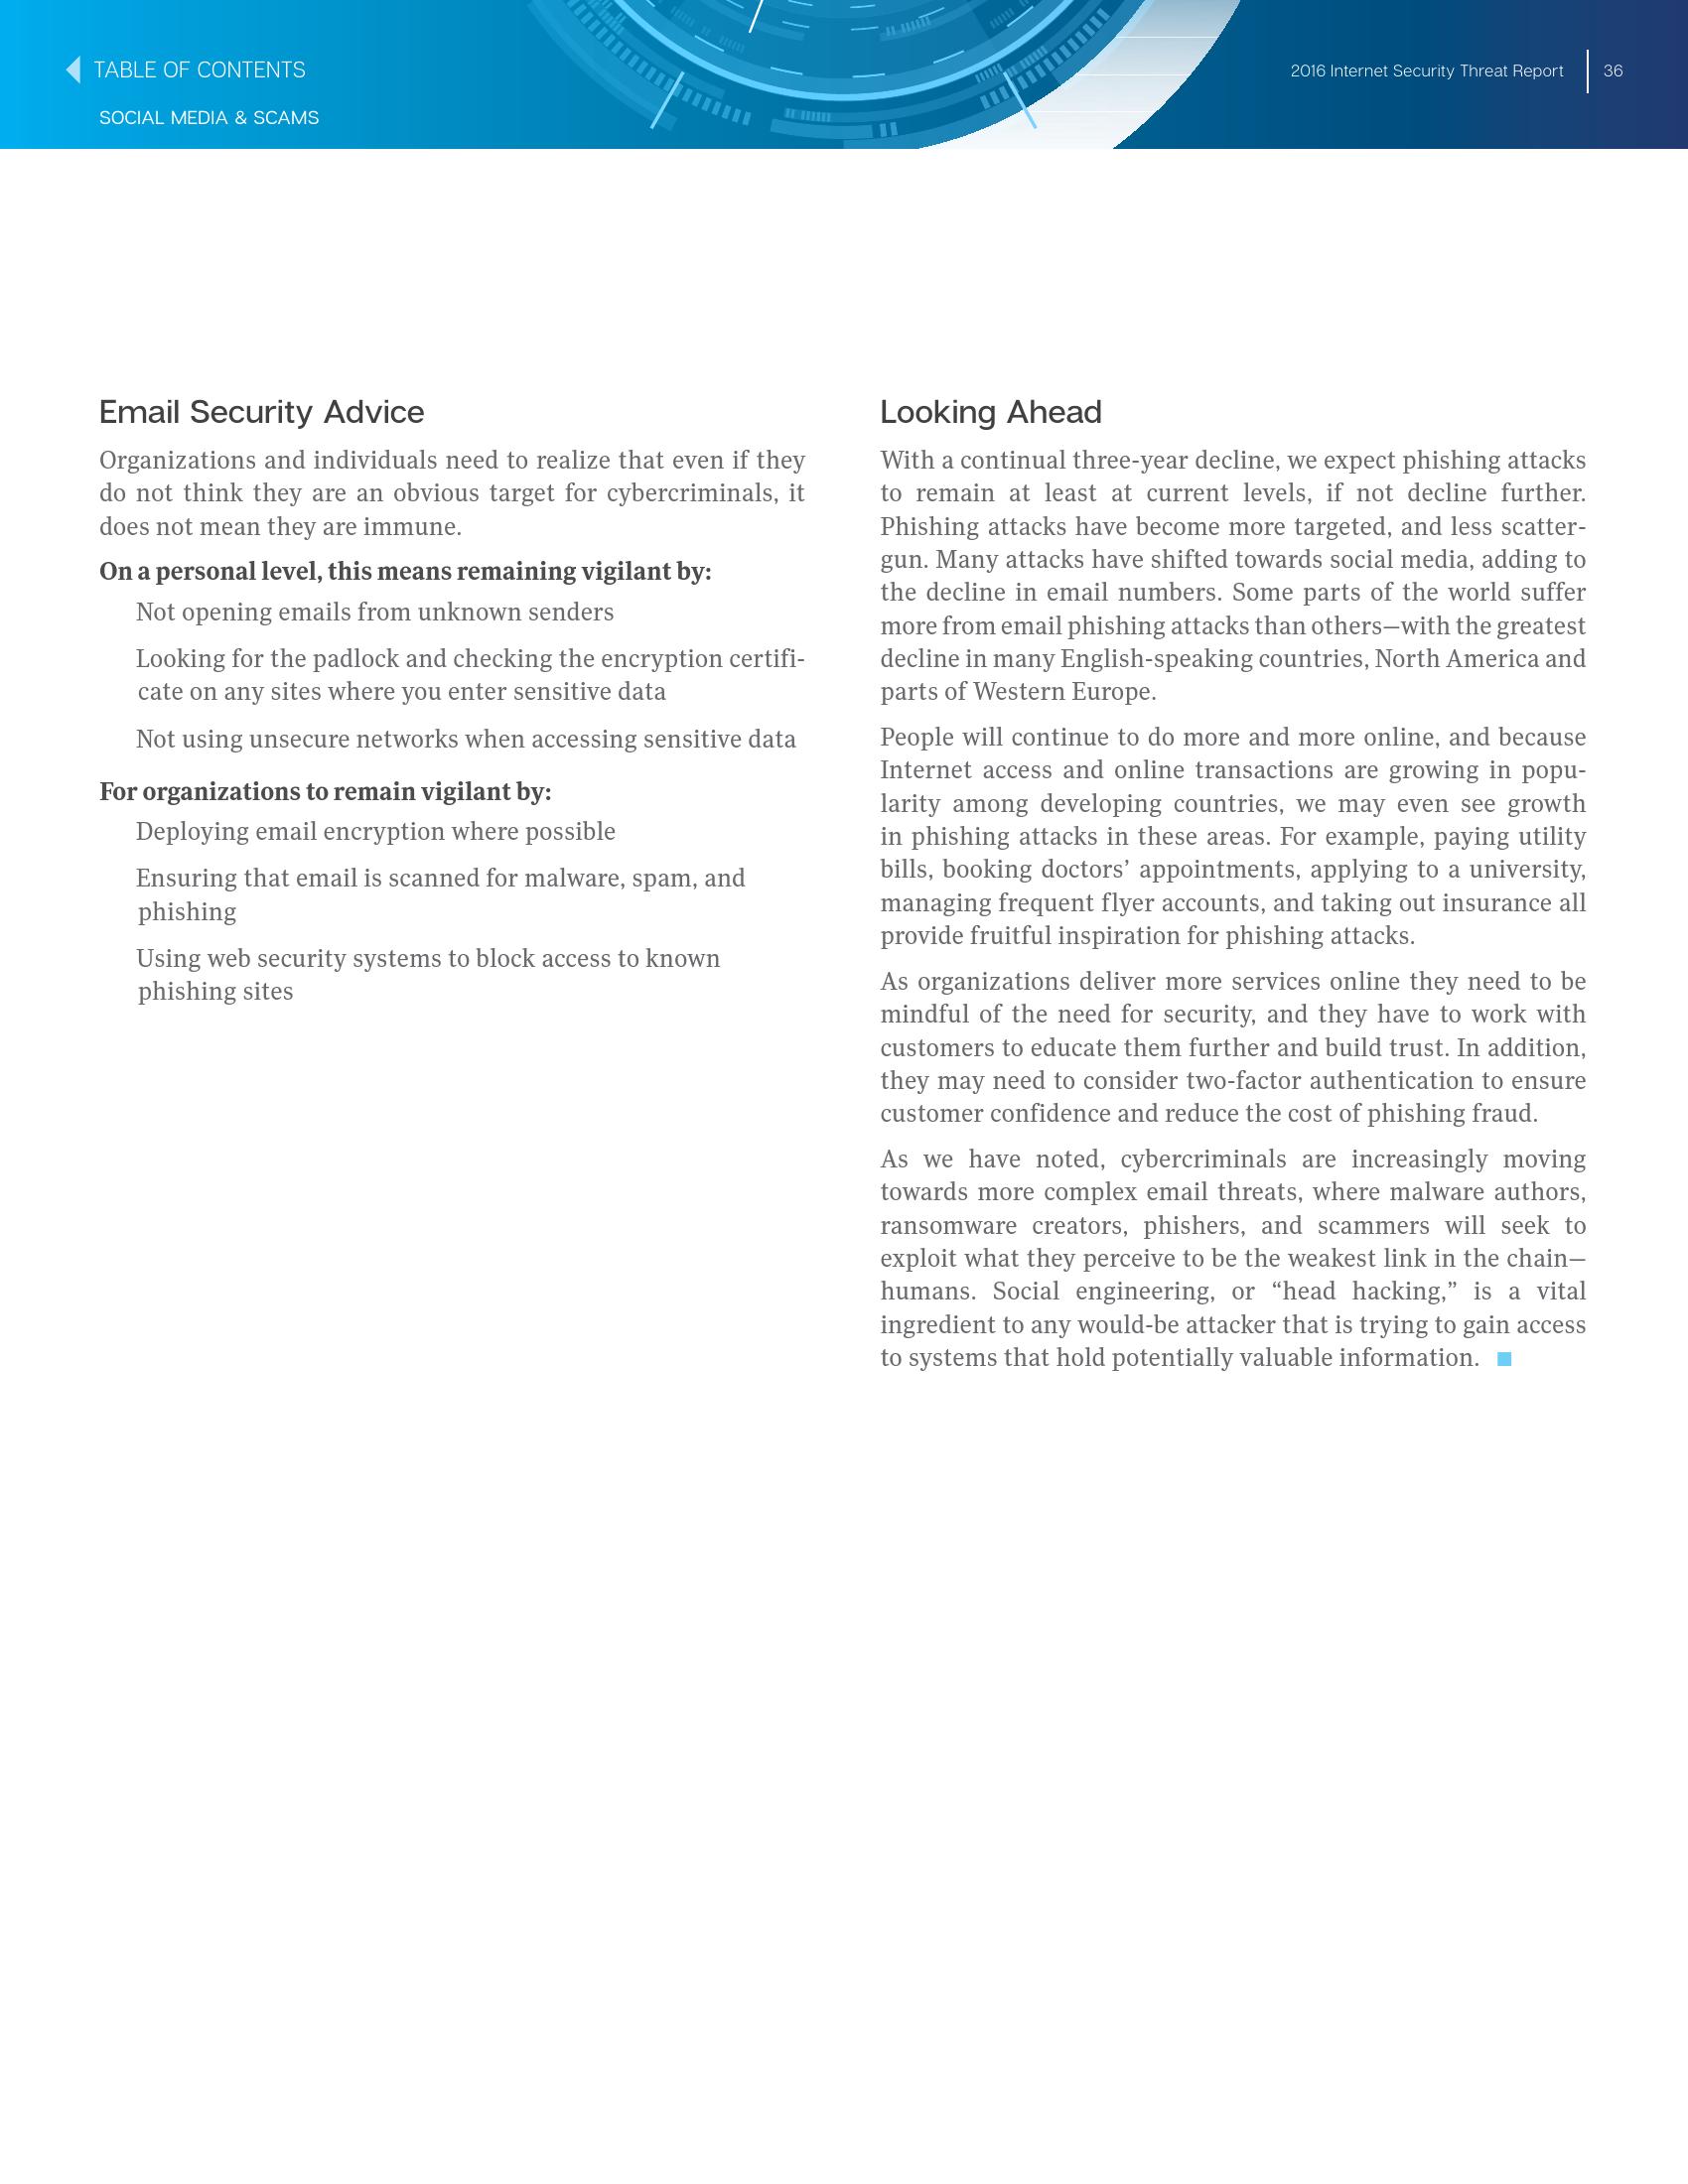 2016年互联网安全威胁报告_000036